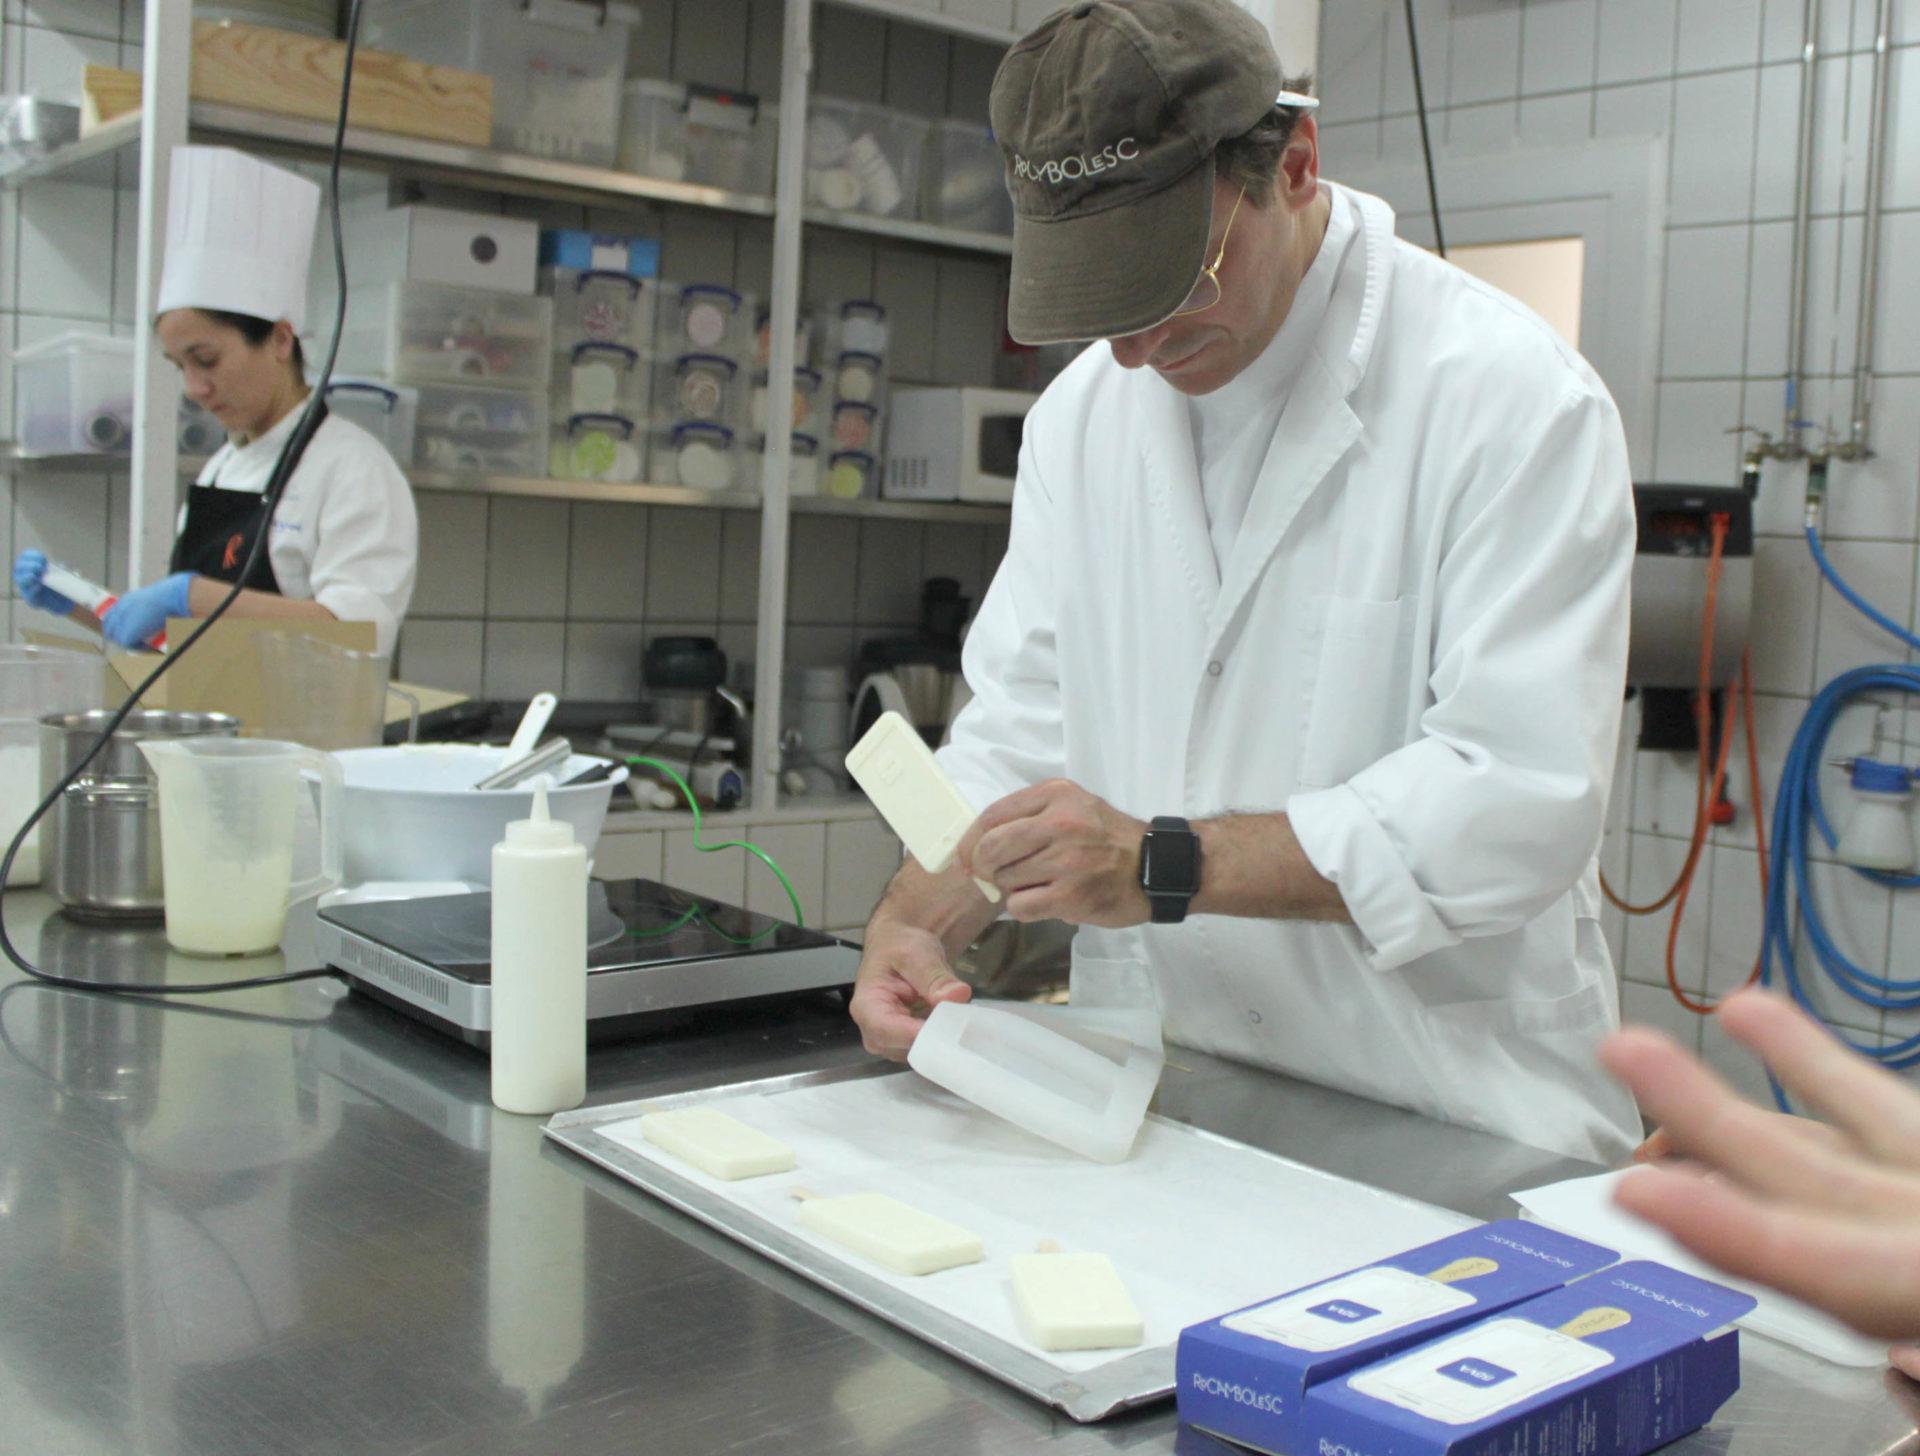 Jordi Roca desmolada el Icephone en el obrador de Rocambolesc